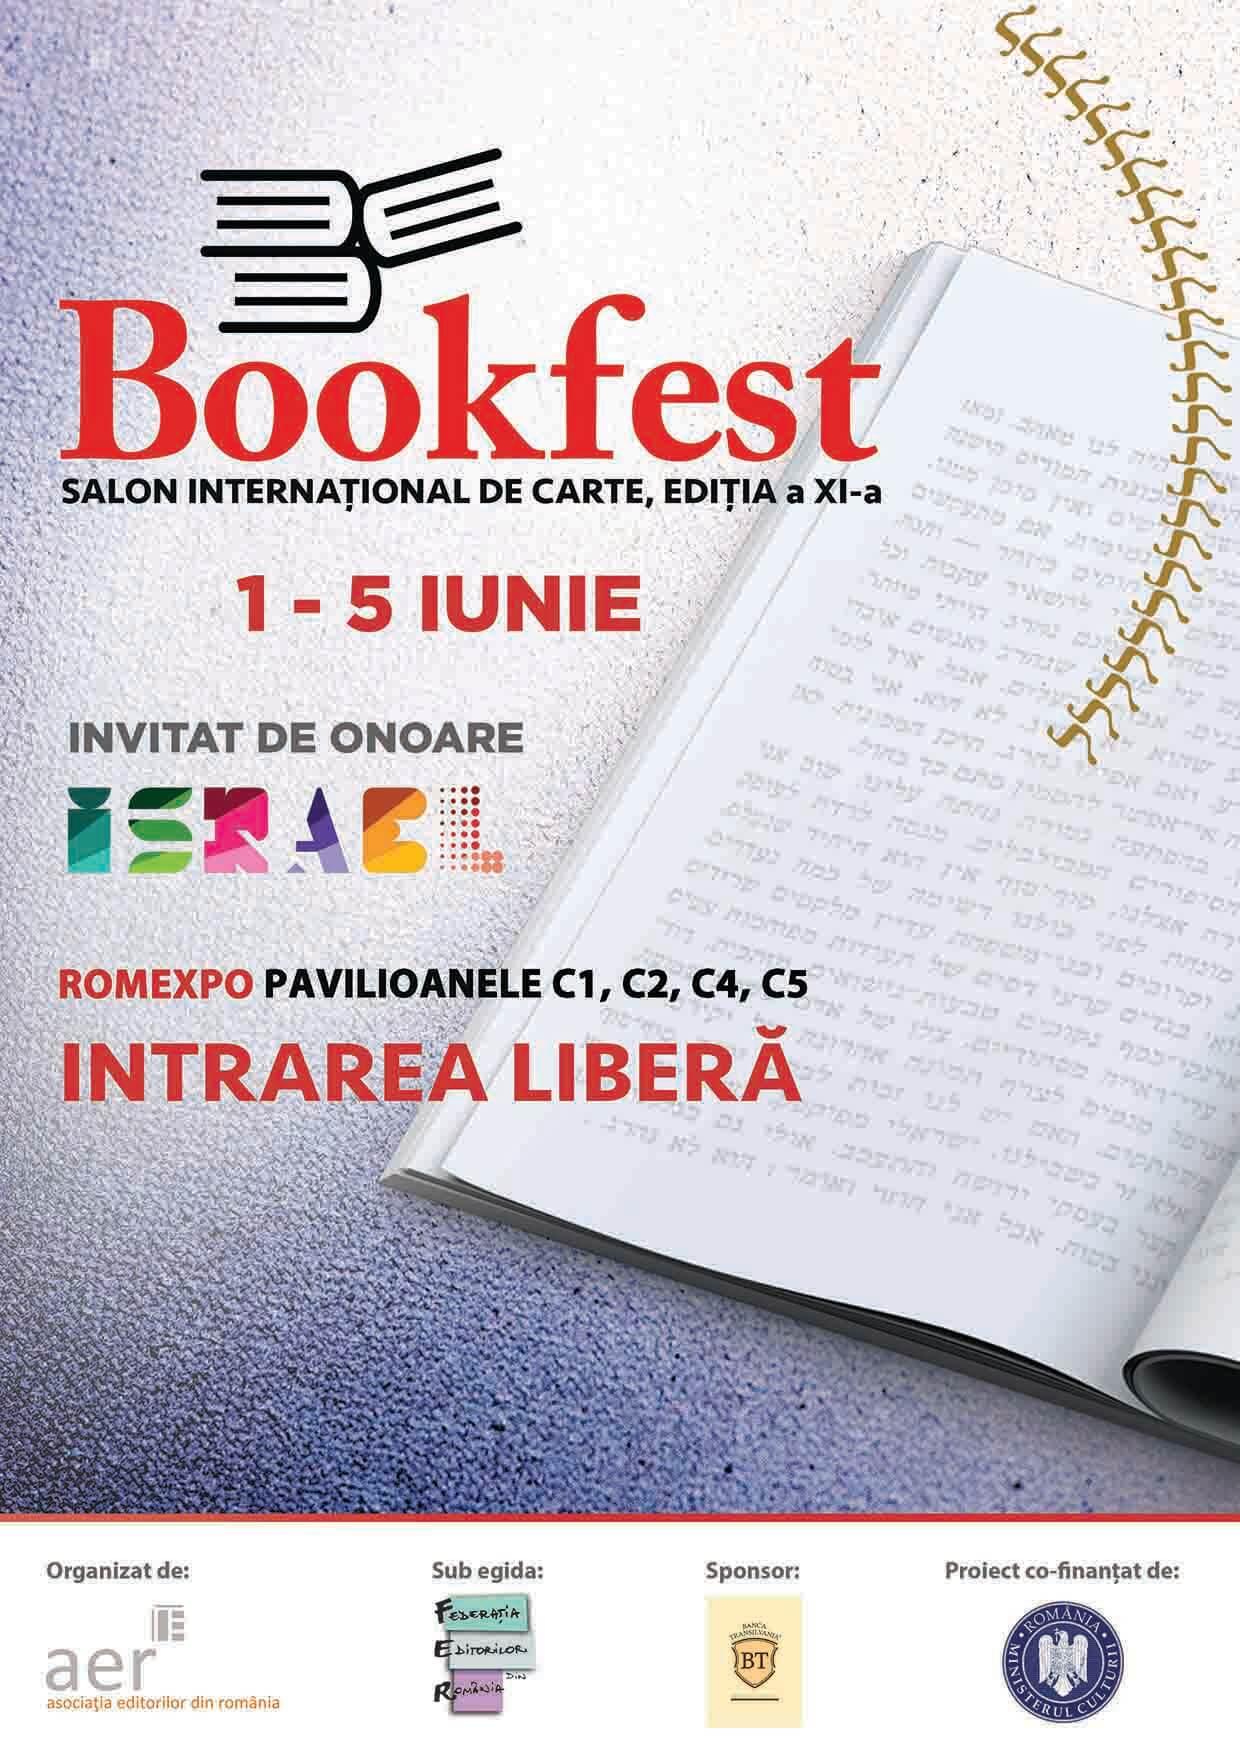 Bookfest Bucuresti